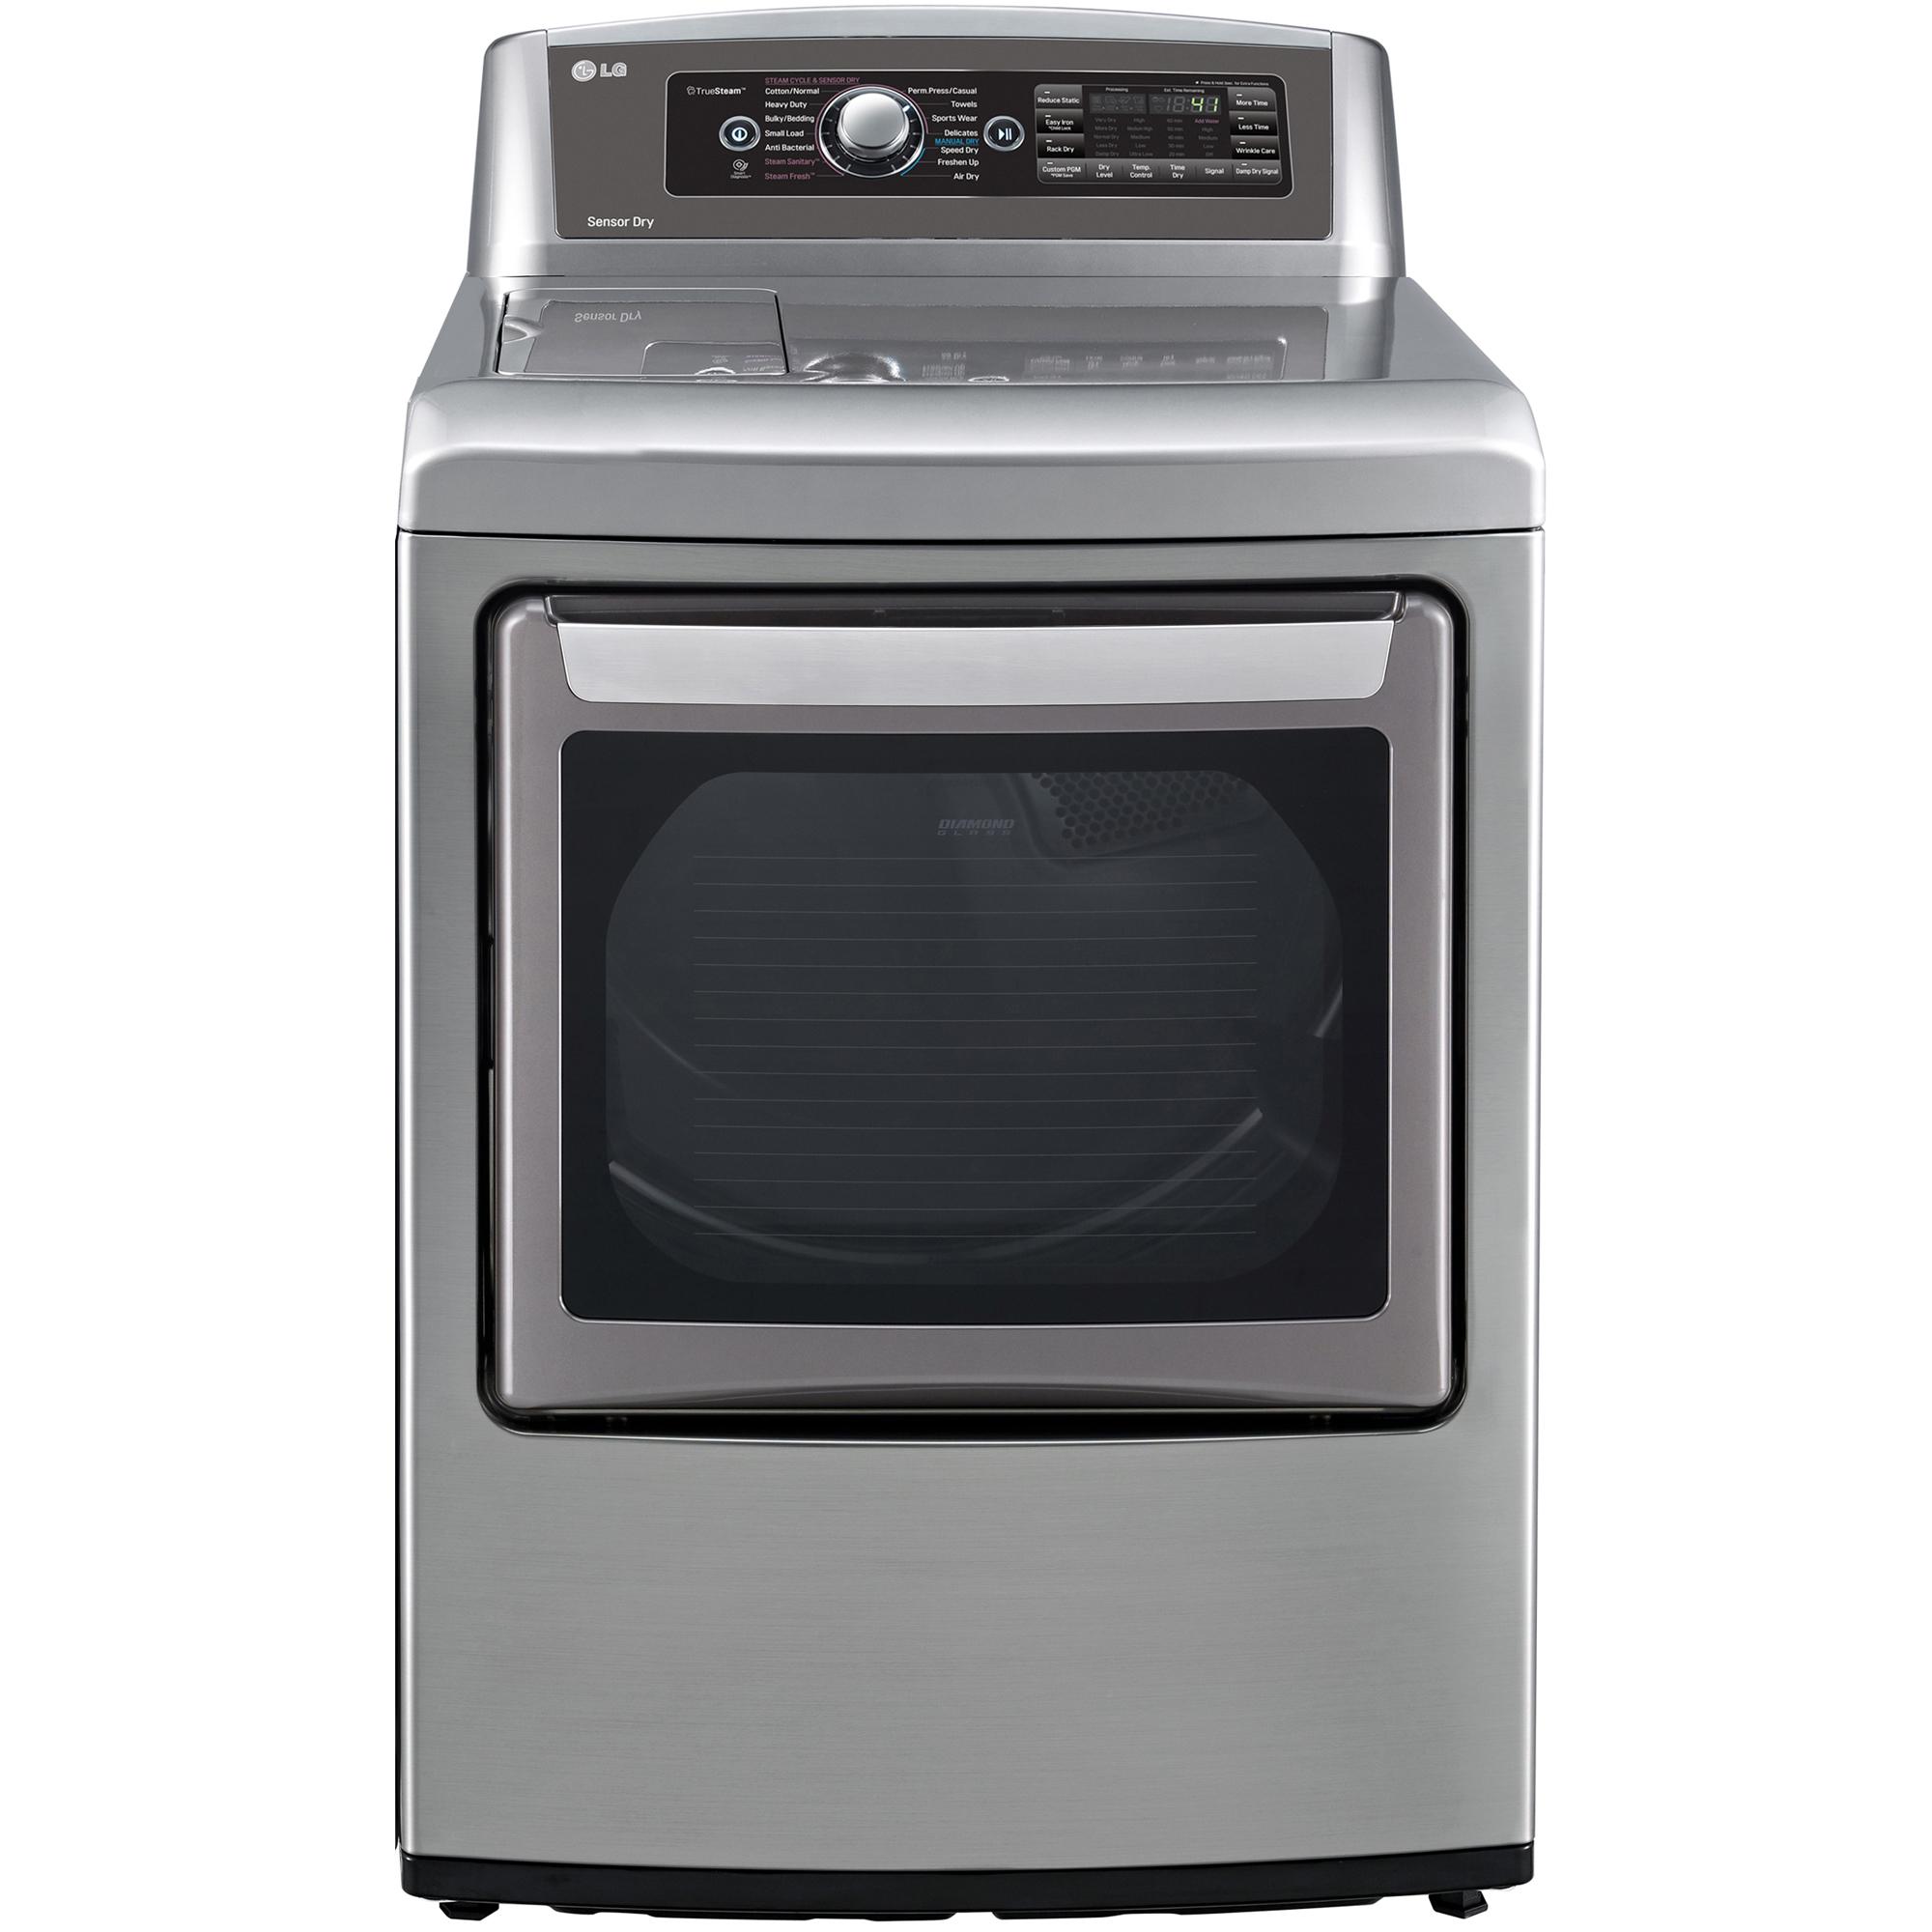 LG DLGX5781VE 7.3 cu. ft. Steam Gas Dryer w/ EasyLoad™ Door - Graphite Steel